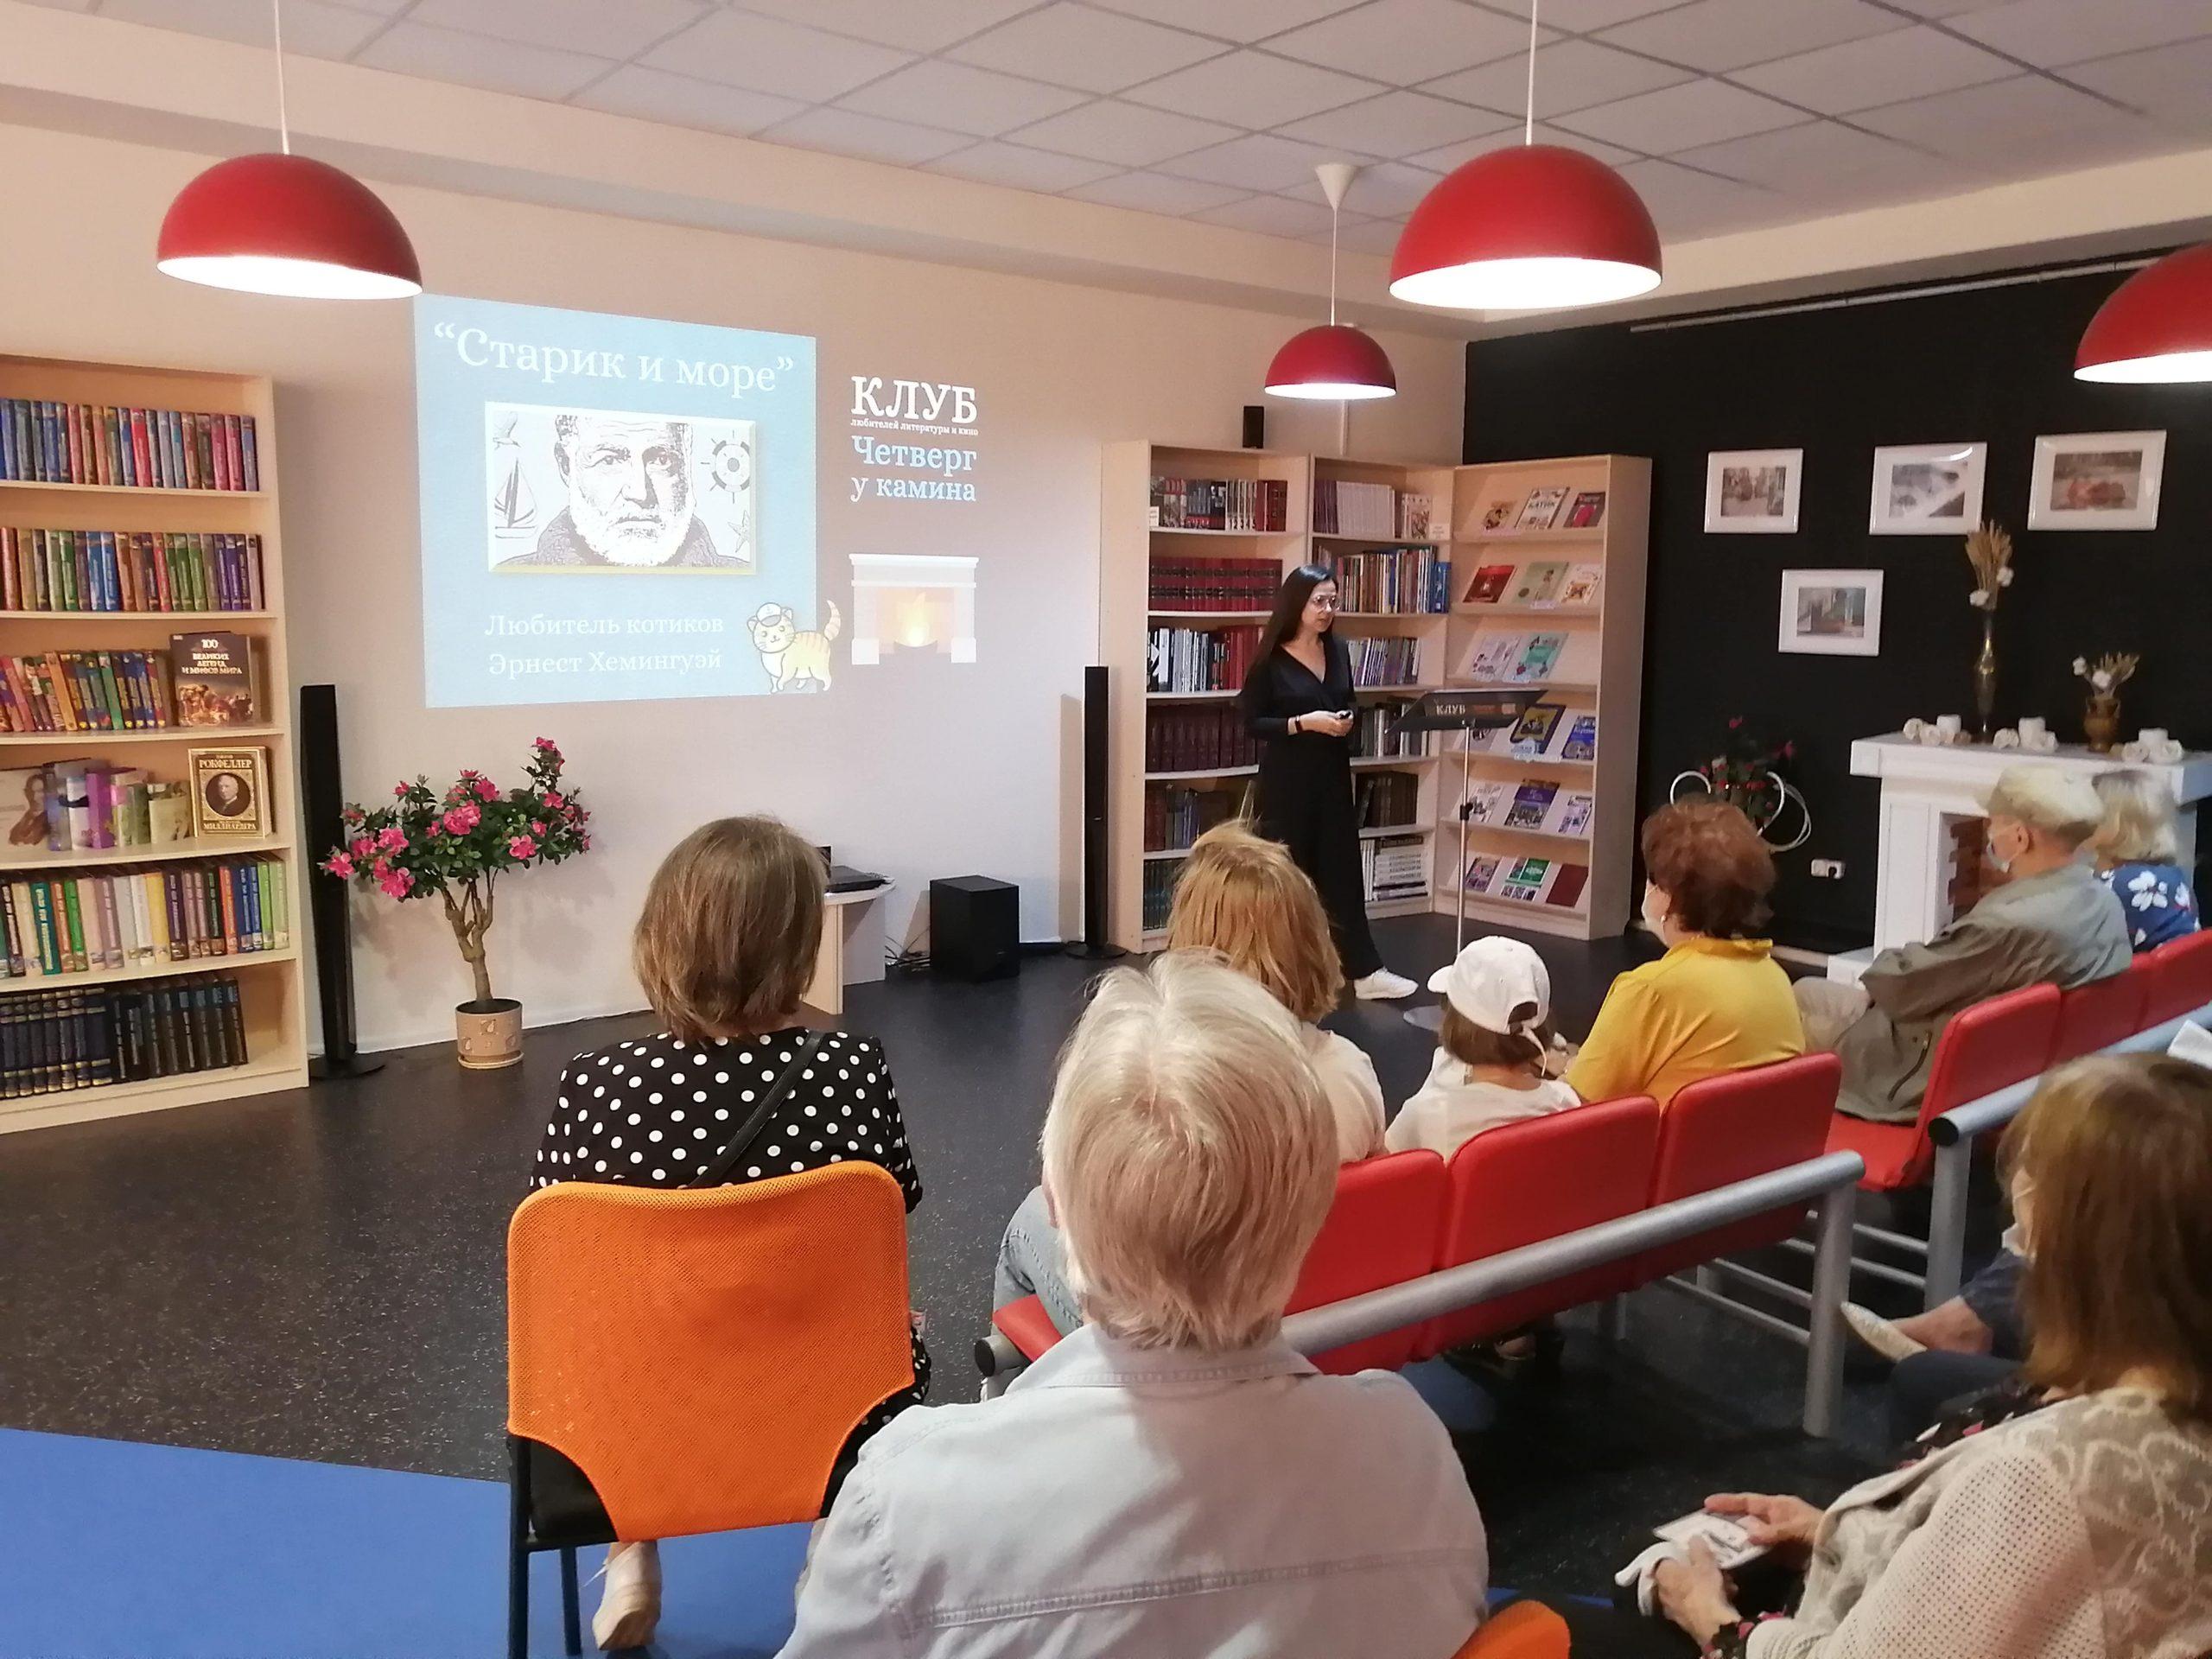 Встреча литературного клуба состоялась в Центральной библиотеке Щербинки